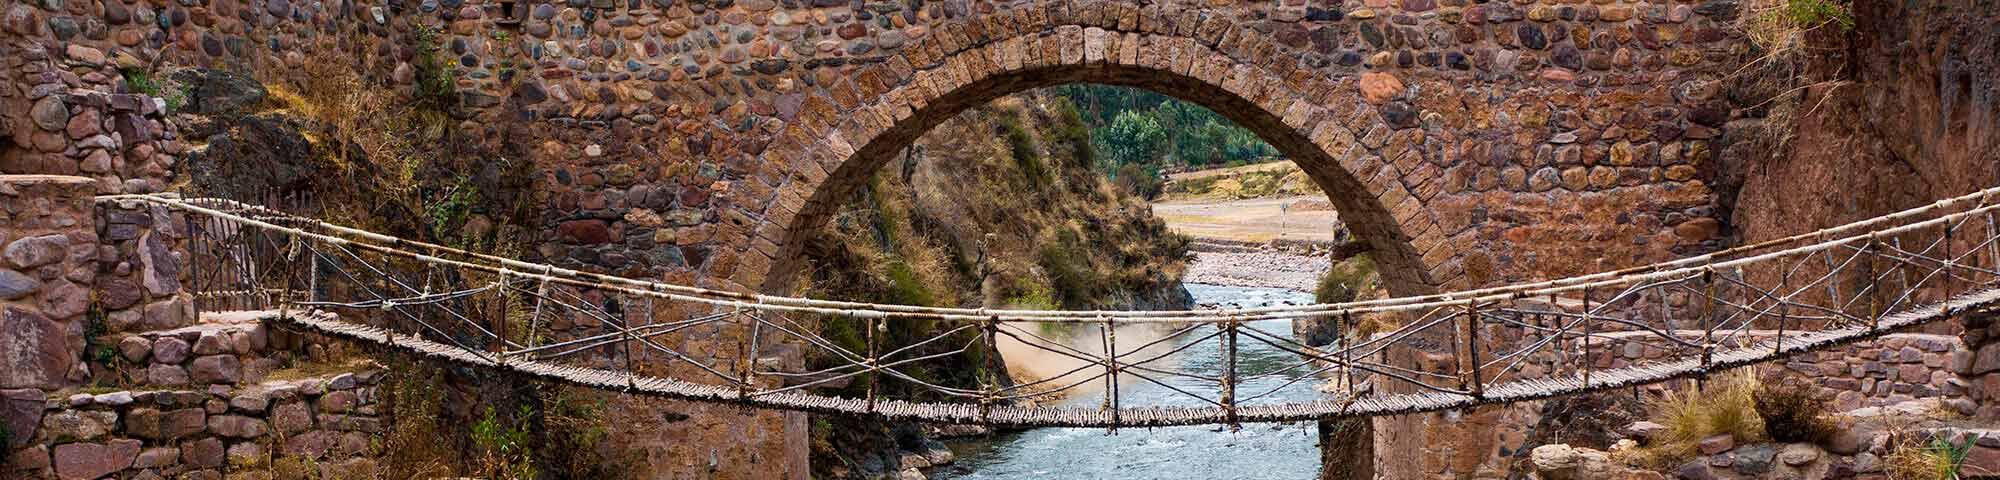 Puente colonial de Checacupe